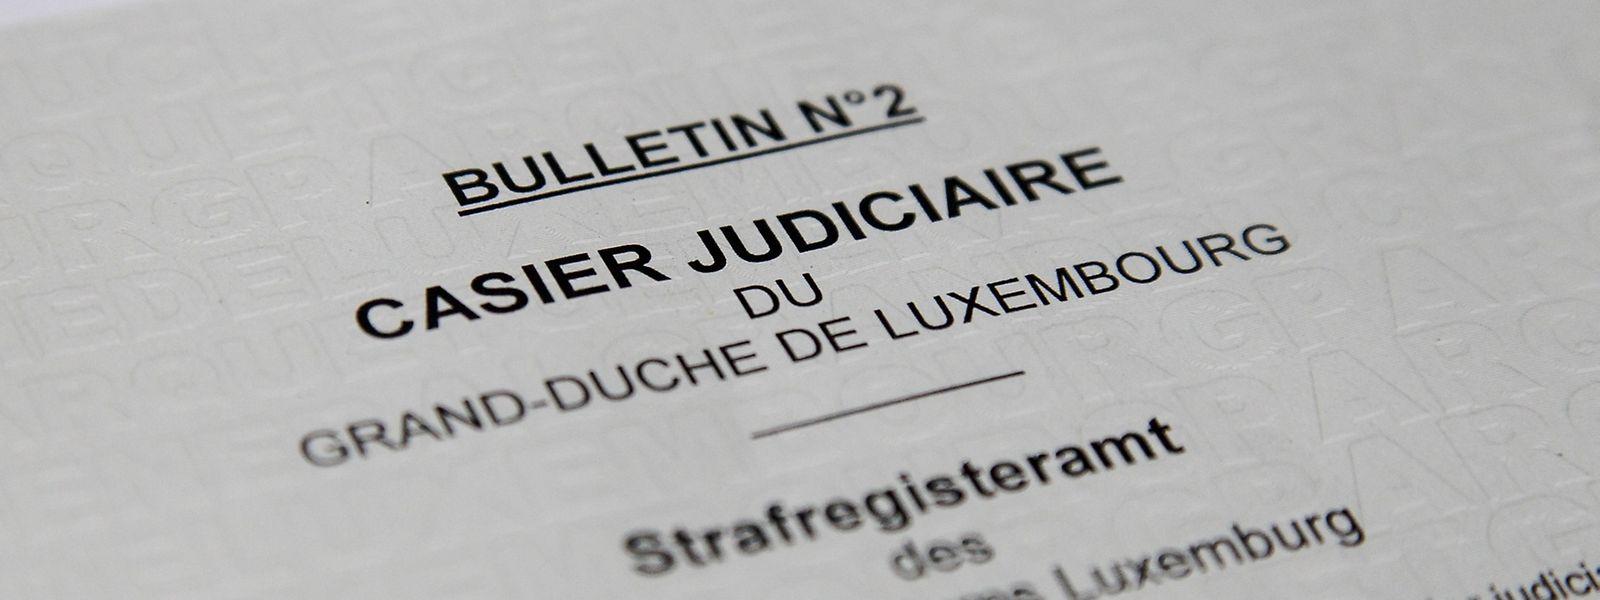 """Ein reines Gewissen: Wer sich nichts zuschulden kommen lässt, braucht sich auch weiterhin nicht um den """"Casier judiciaire"""" zu sorgen. Der Justizminister will dennoch auch die Resozialisierung von Straftätern nicht vernachlässigen."""